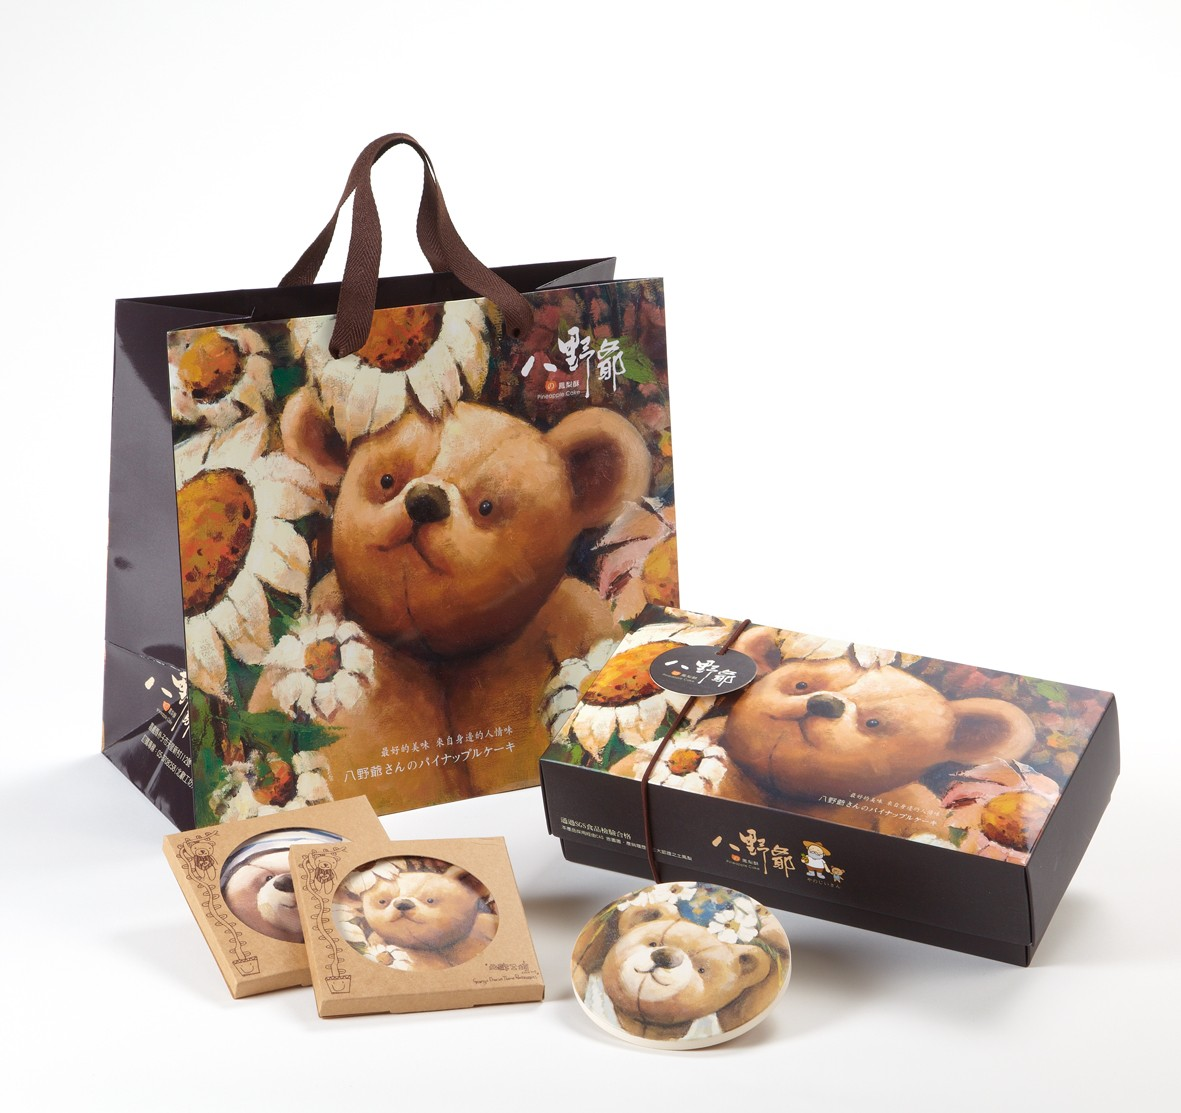 金磚原味鳳梨酥禮盒與小熊杯墊組